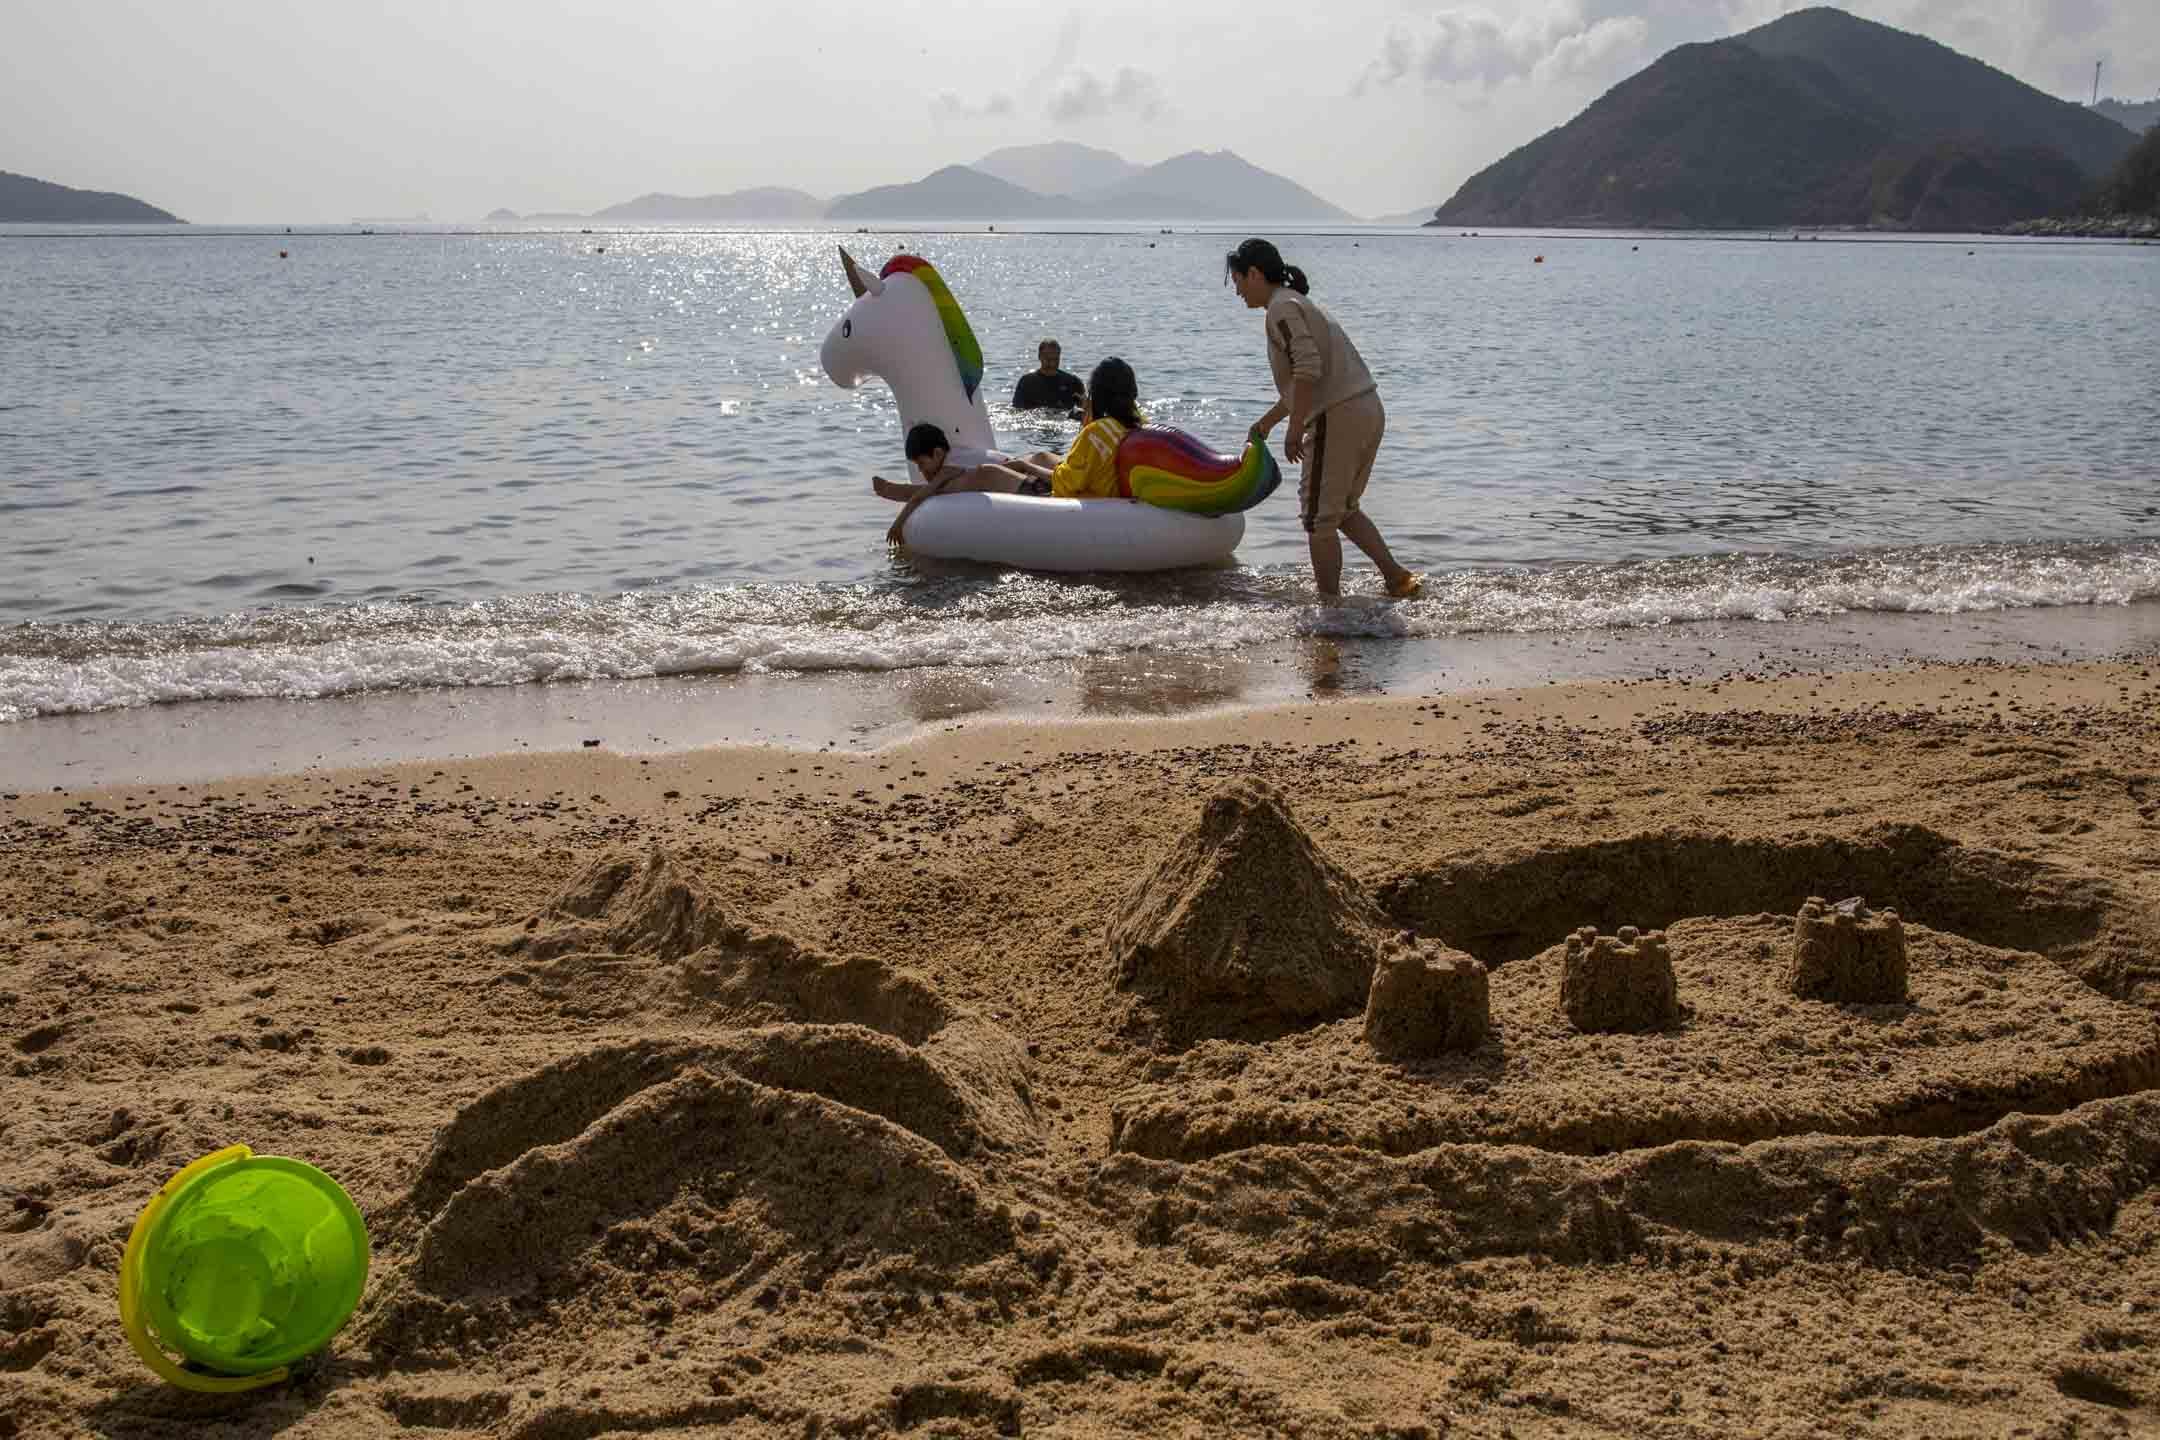 大年初三,市民到淺水灣沙灘游泳,當天下午氣溫錄得25.8度,為歷史以來最熱的年初三。